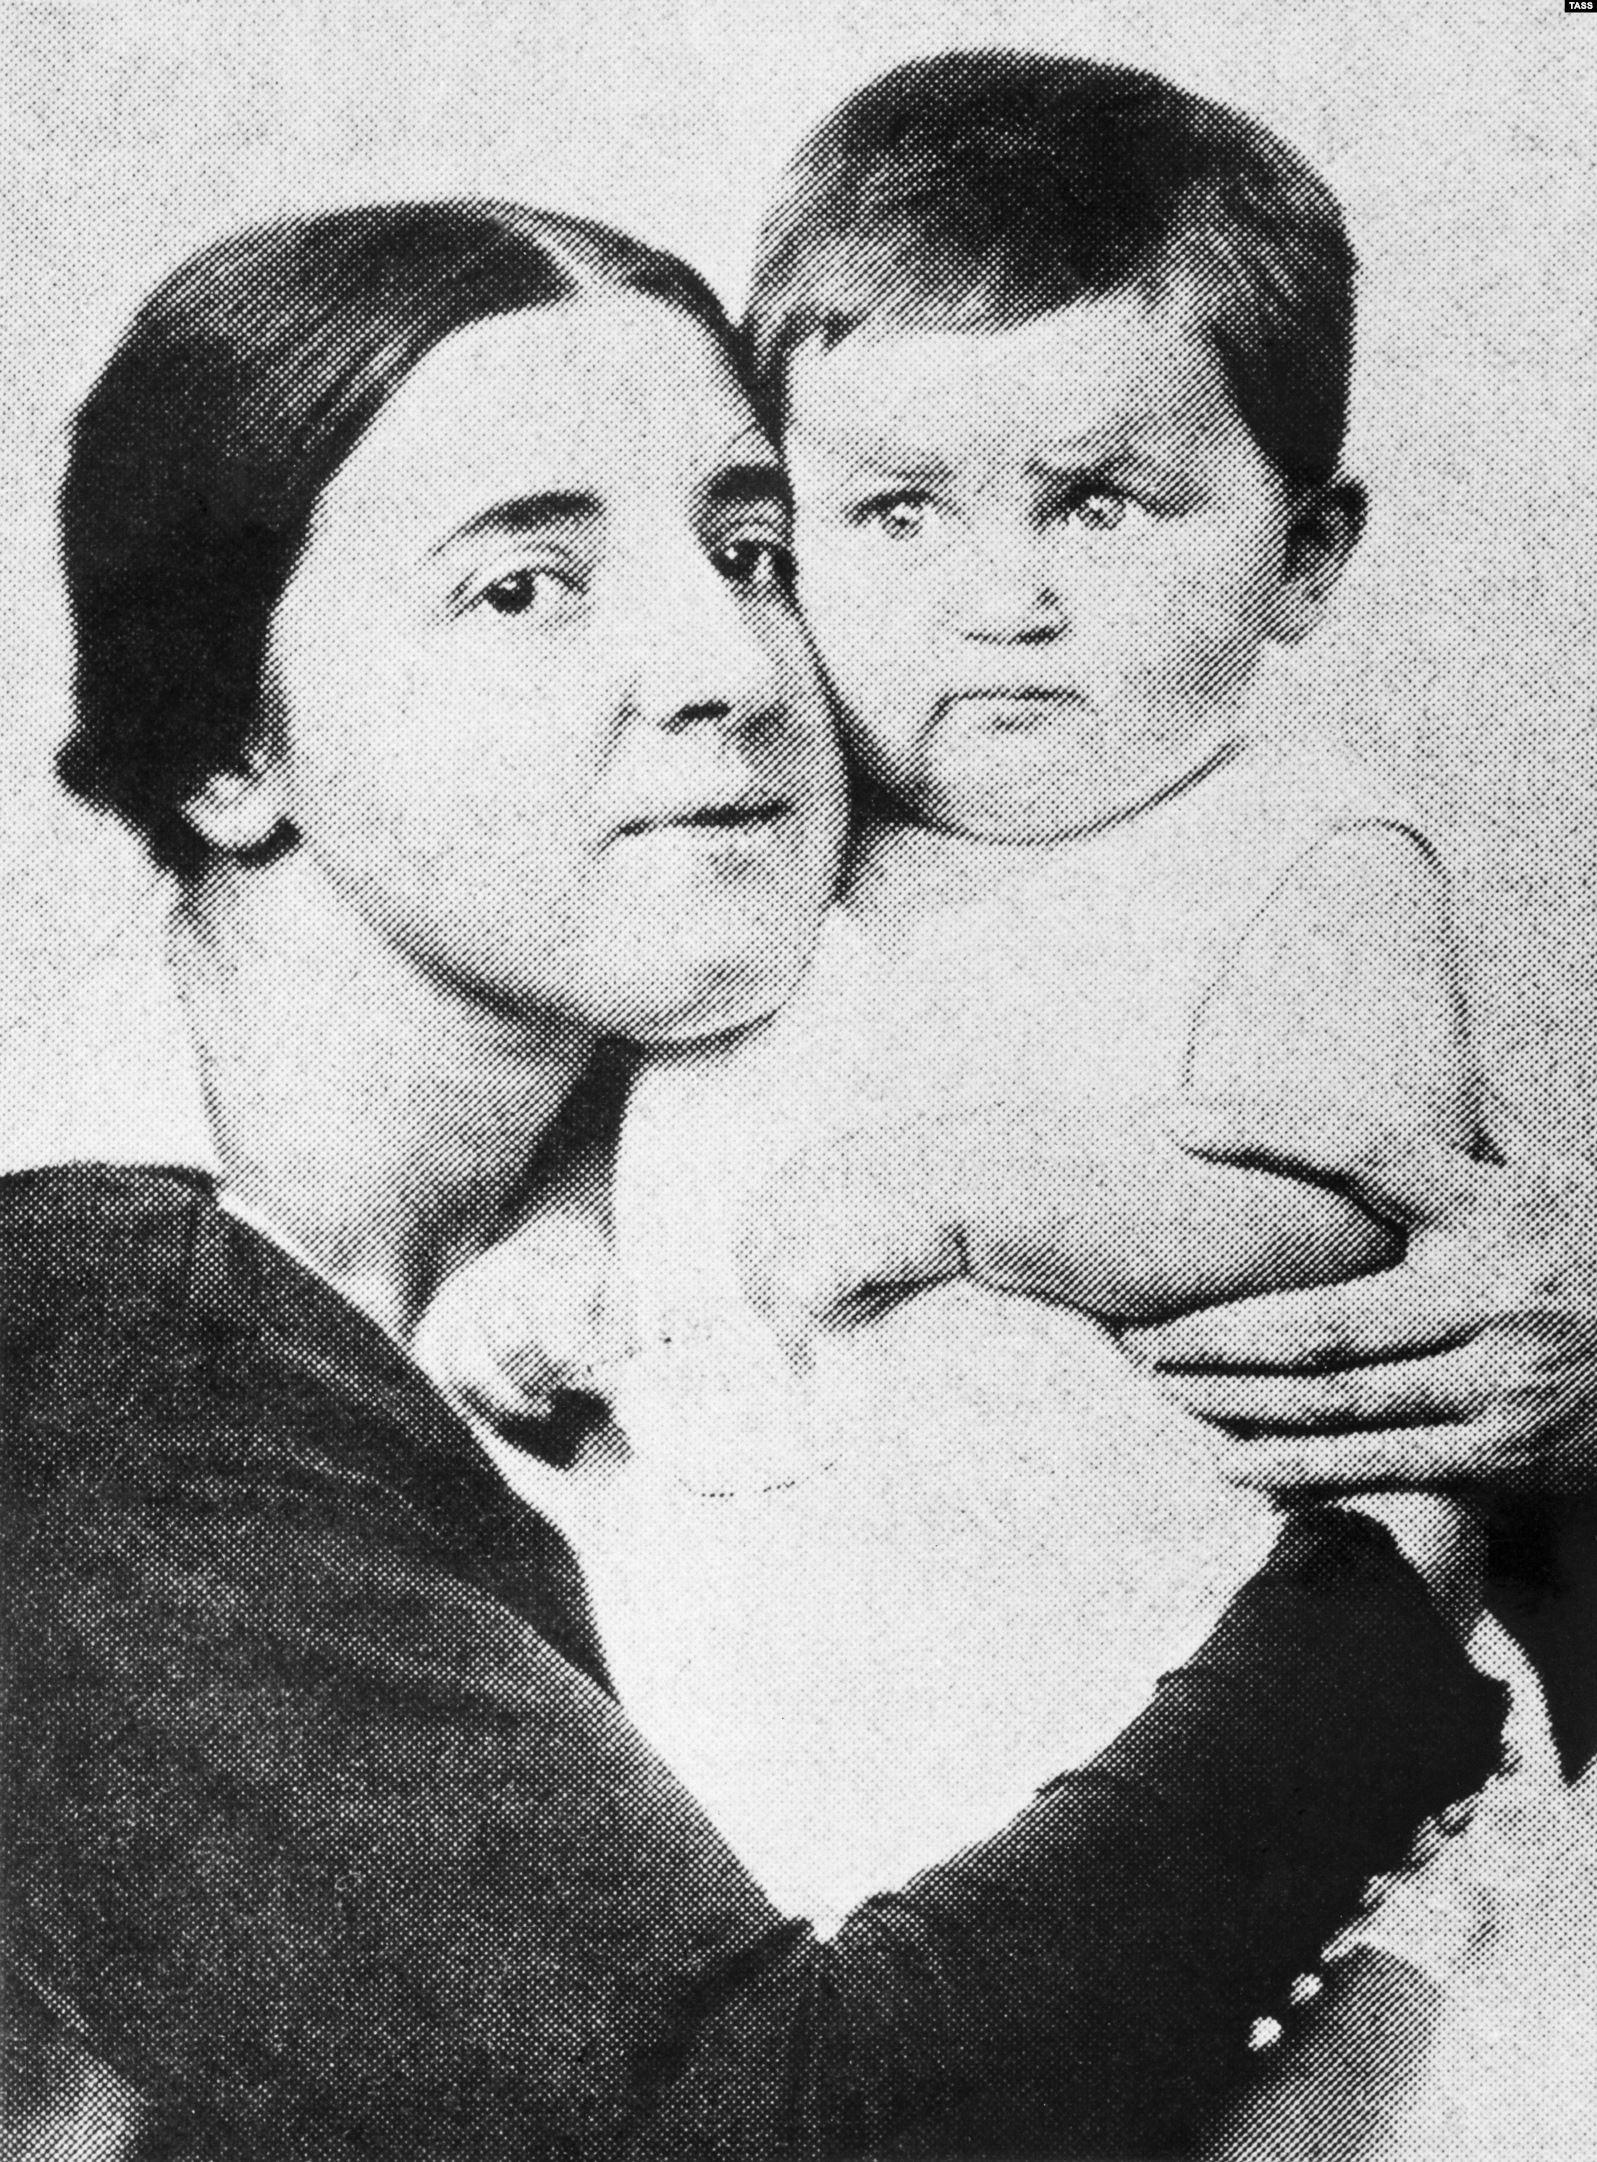 Алексей бардуков фото с женой и сыном написать рассказ